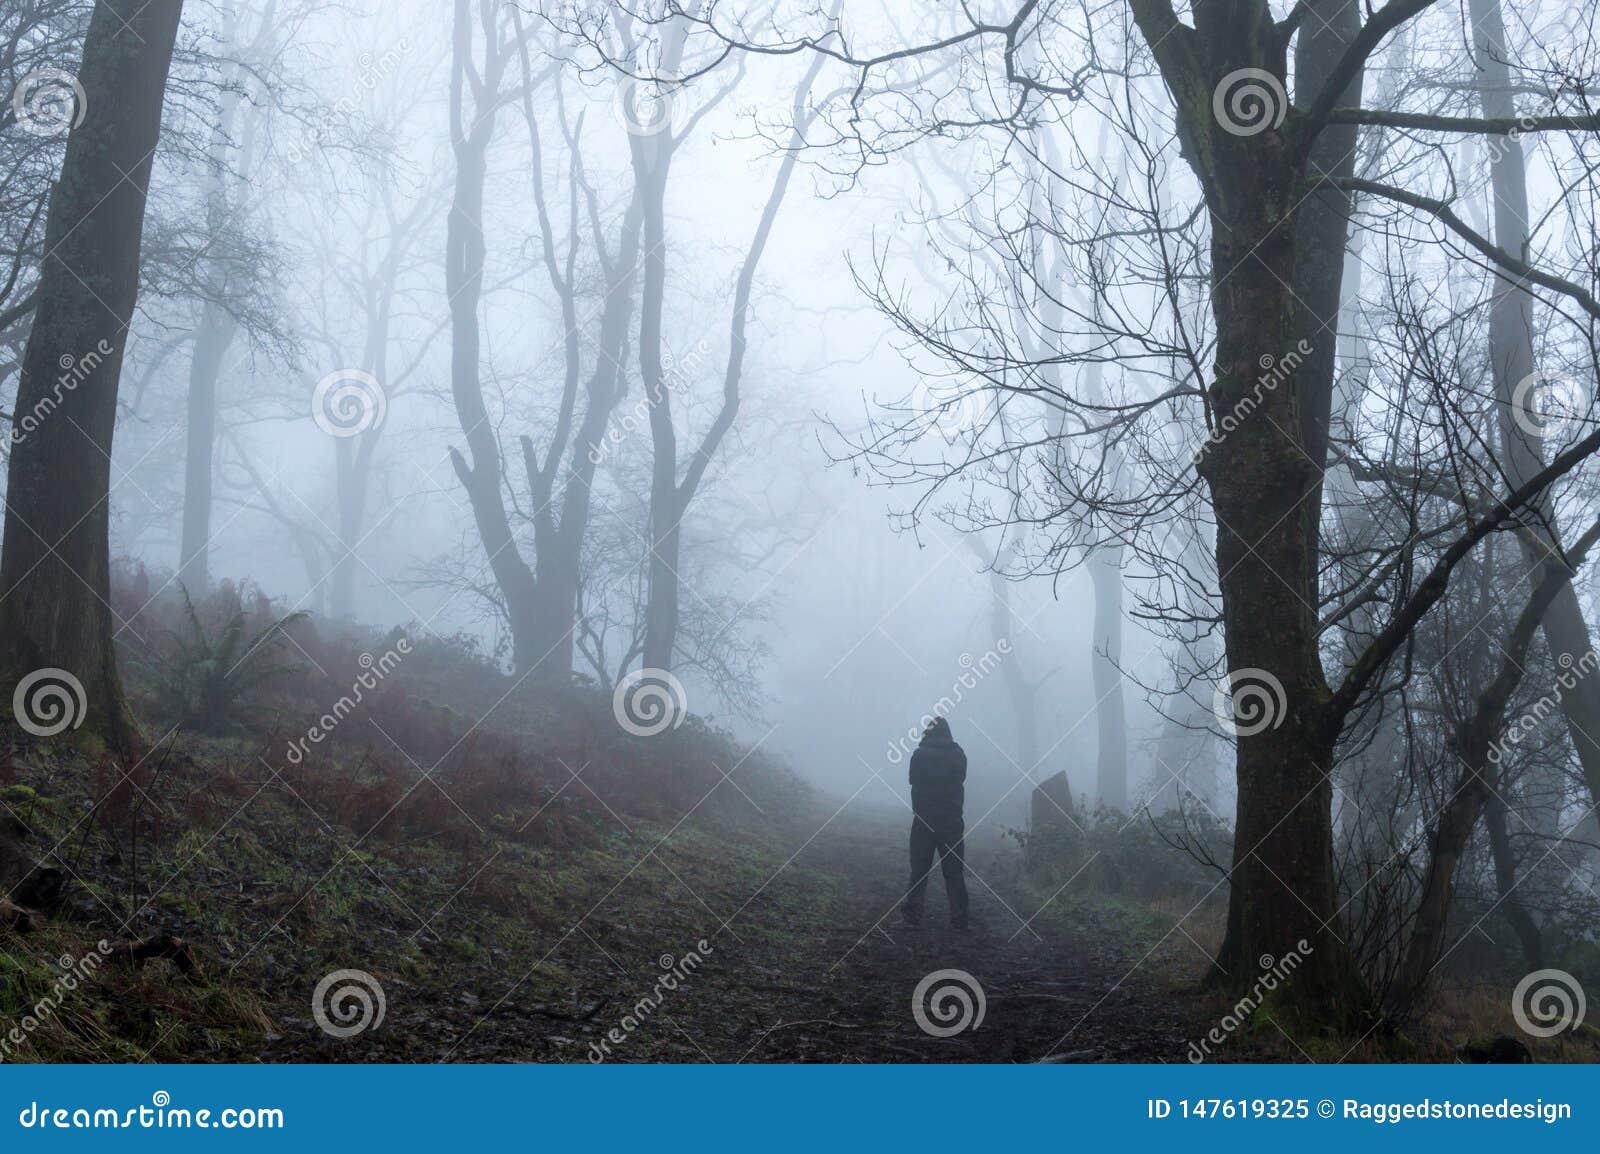 Una silueta fantasmagórica de una figura encapuchada situación en un bosque de niebla de los inviernos